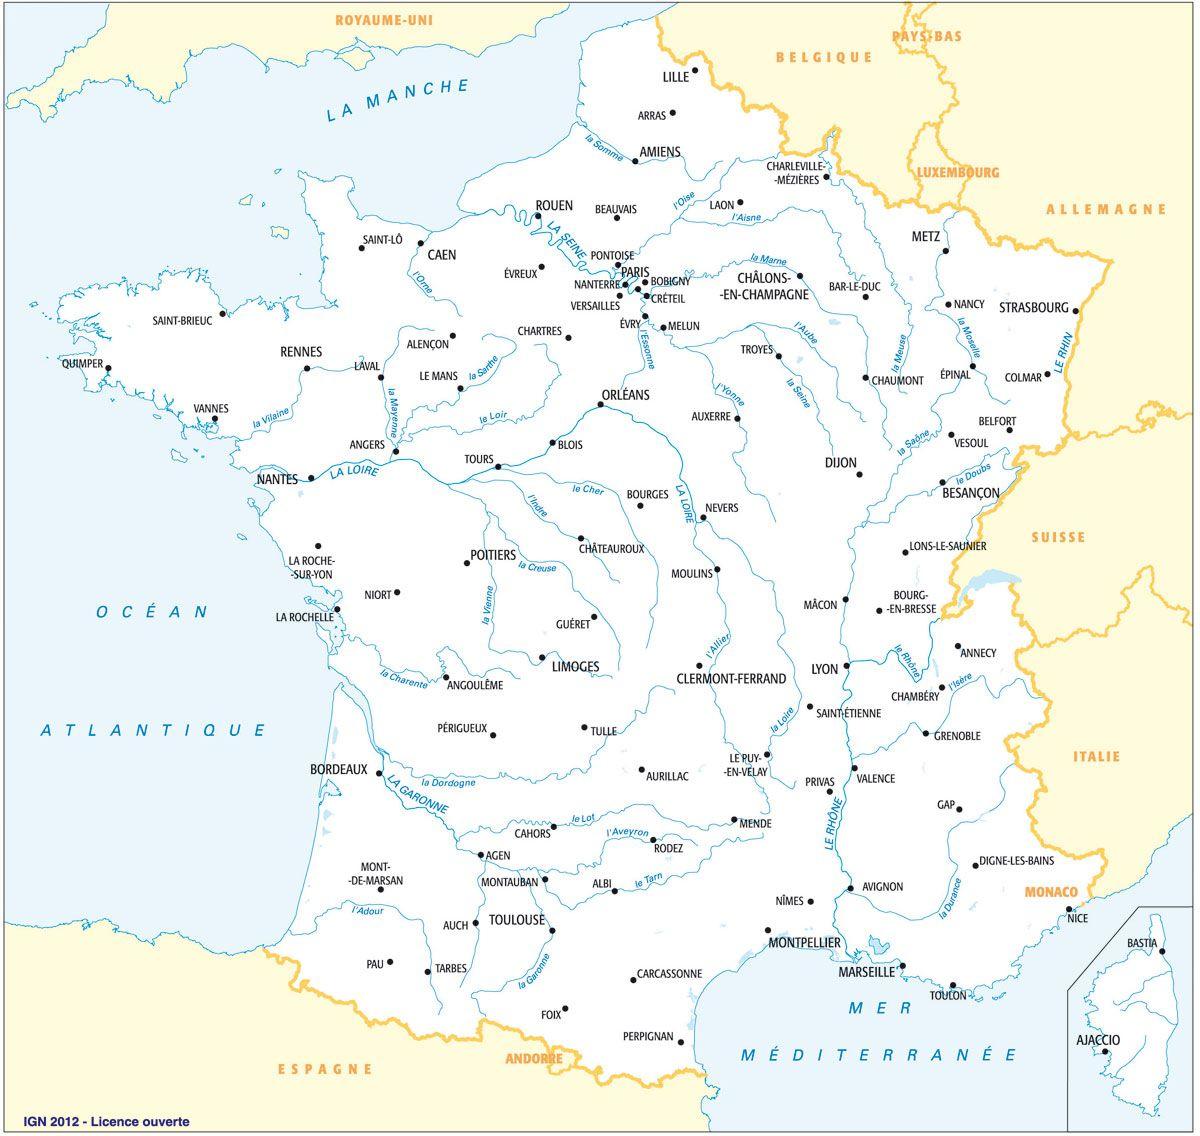 Fleuves Principaux Et Préfectures, Avec Toponymes | Carte De destiné Carte Des Fleuves De France